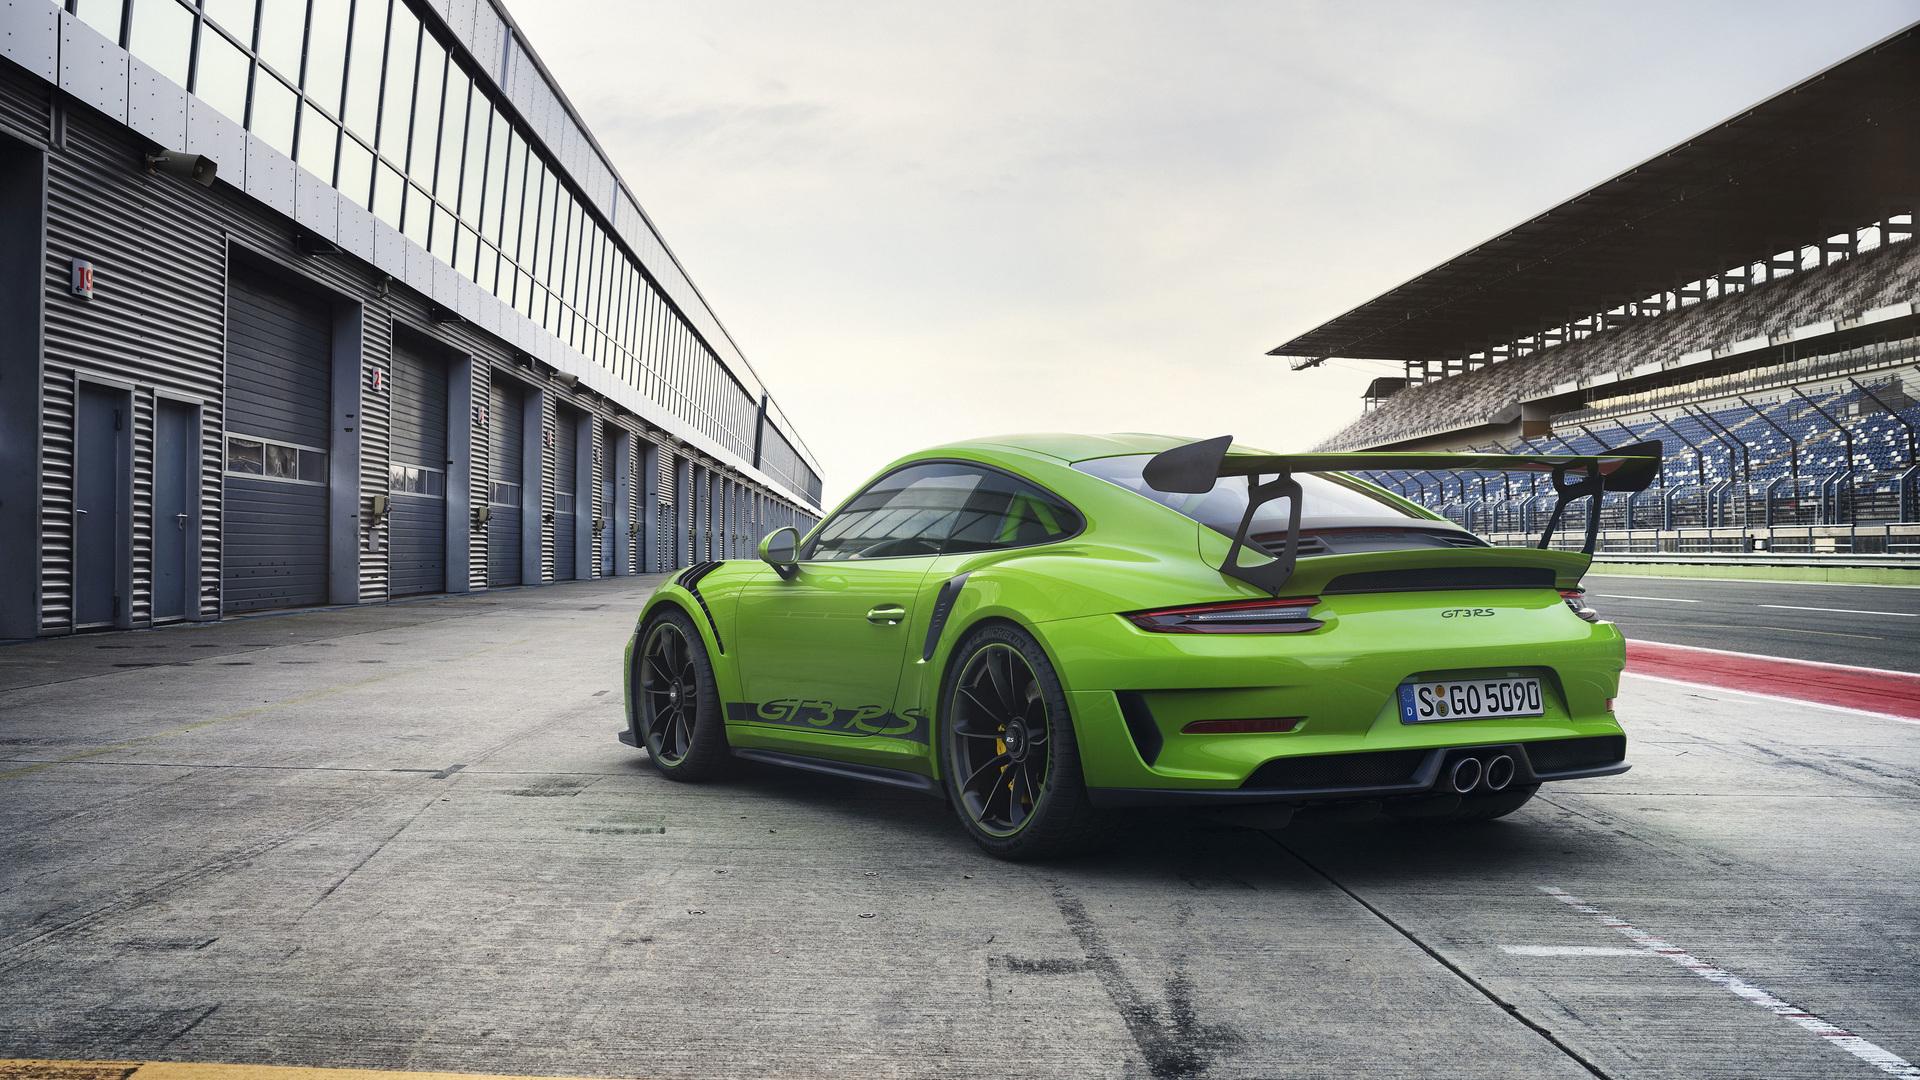 Porsche Gt3 Rs Blue 1920 X 1080: 1920x1080 Porsche 911 GT3 RS 2018 Rear Laptop Full HD